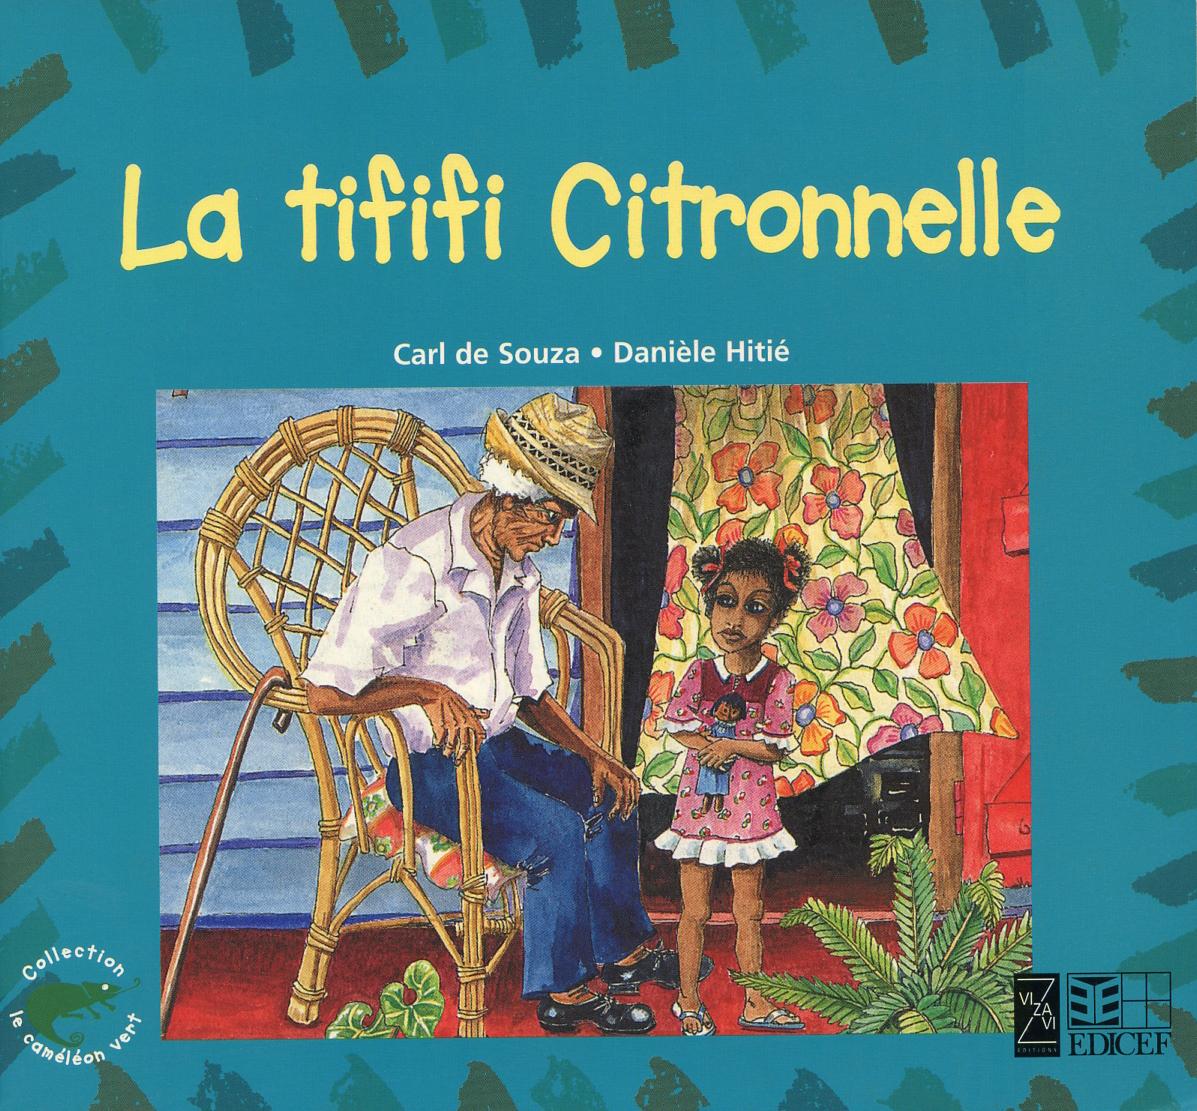 La Tififi Citronnelle